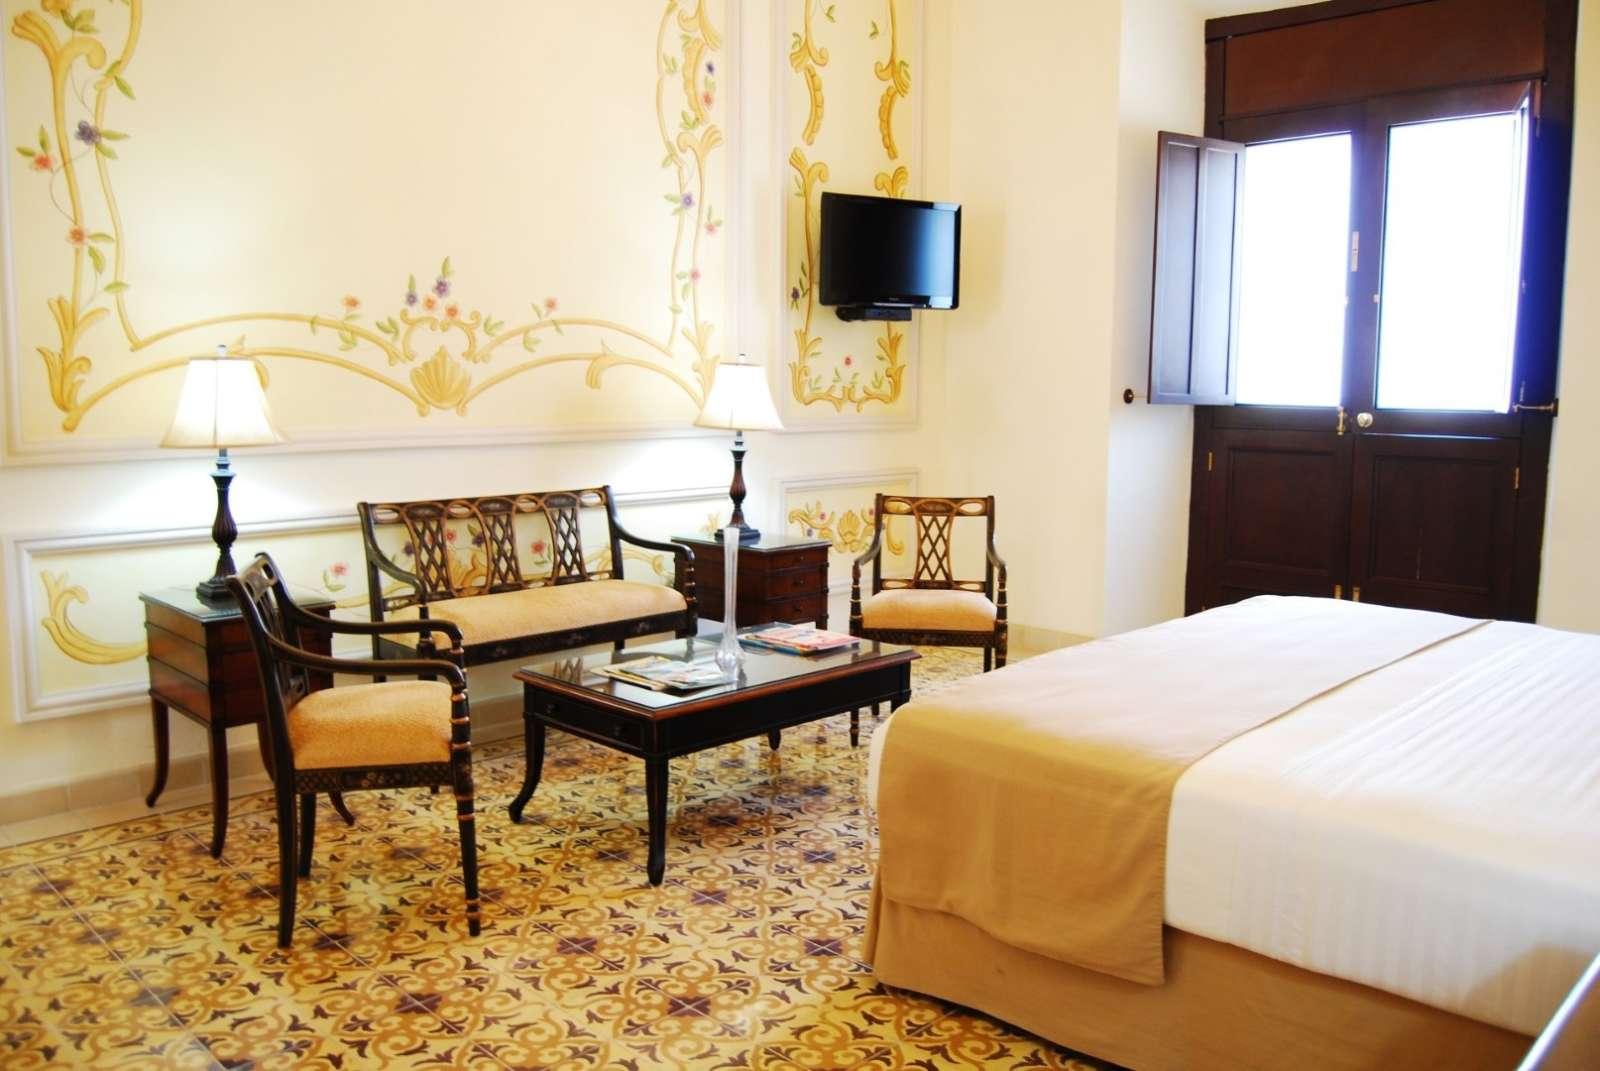 Bedroom at hotel Mansion Merida